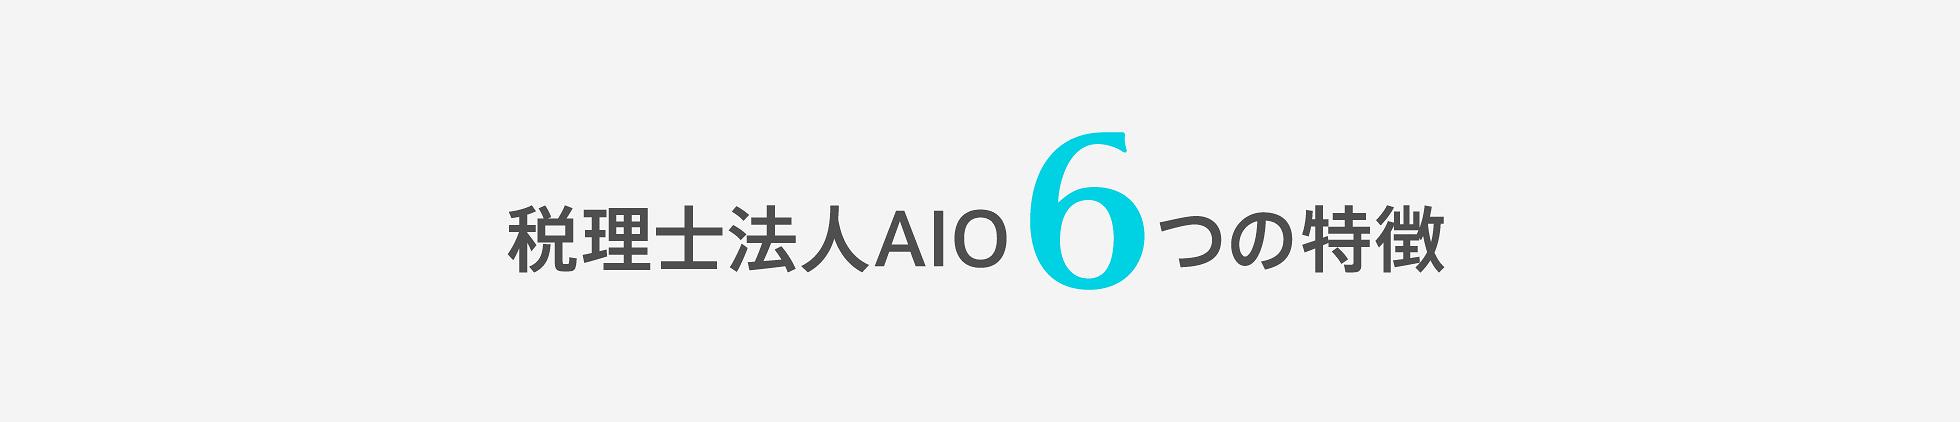 税理士法人AIO6つの特徴